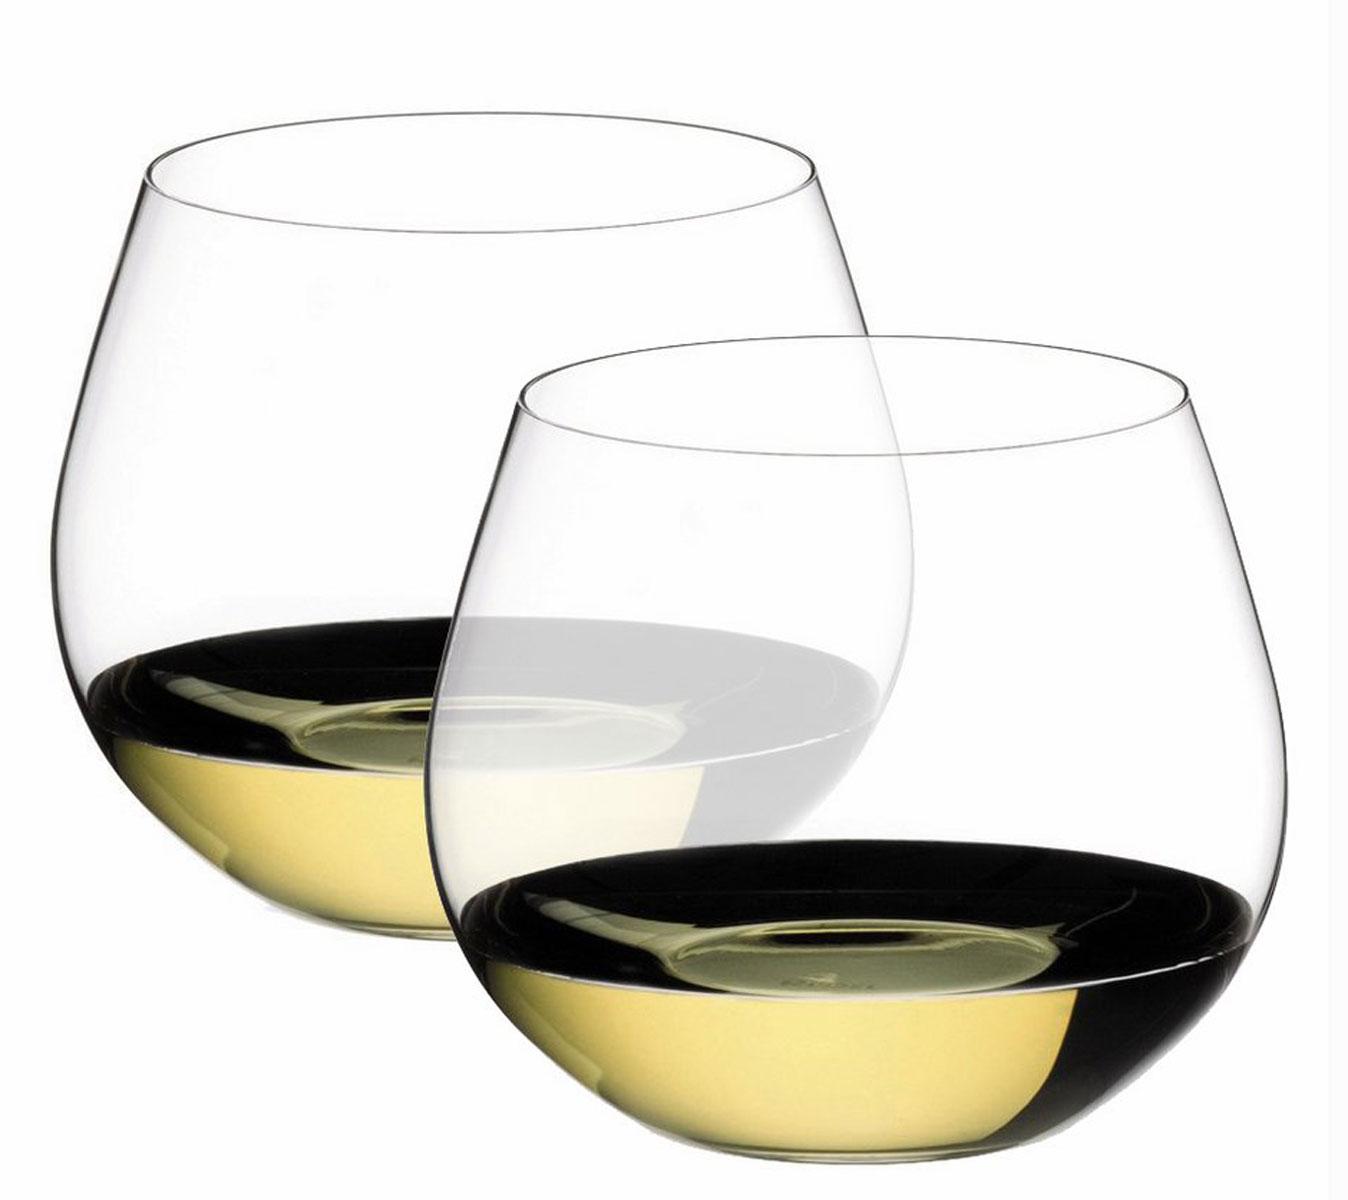 Набор бокалов Riedel Oaked Chardonnay , 580 мл, 2 штVT-1520(SR)Набор Riedel Oaked Chardonnay состоит из двух бокалов, выполненных из прочного стекла. Бокалы предназначены для подачи белого вина. Они сочетают в себе элегантный дизайн и функциональность. Благодаря такому набору пить напитки будет еще вкуснее.Набор бокалов Riedel Oaked Chardonnay  прекрасно оформит праздничный стол и создаст приятную атмосферу за романтическим ужином. Такой набор также станет хорошим подарком к любому случаю. Диаметр бокала (по верхнему краю): 8 см. Высота бокала: 9 см.